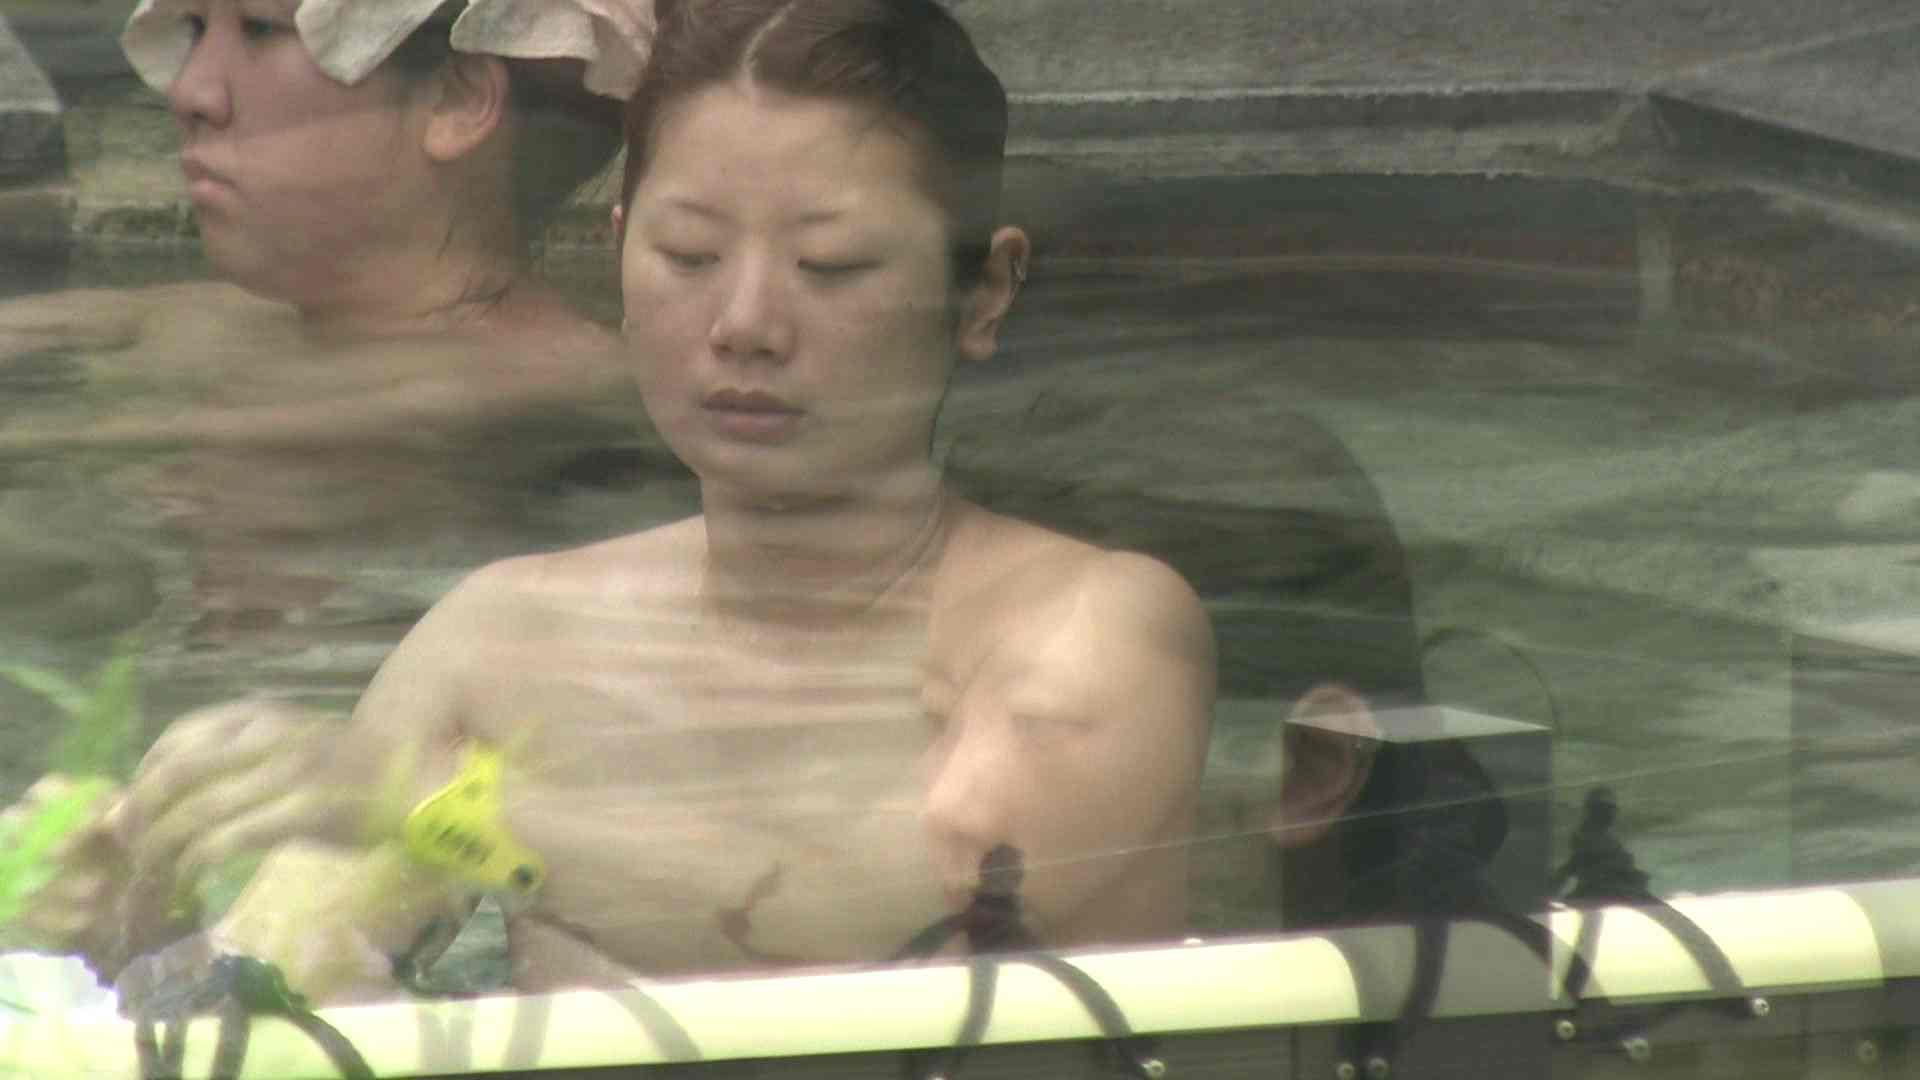 Aquaな露天風呂Vol.19【VIP】 美しいOLの裸体   盗撮師作品  106pic 106